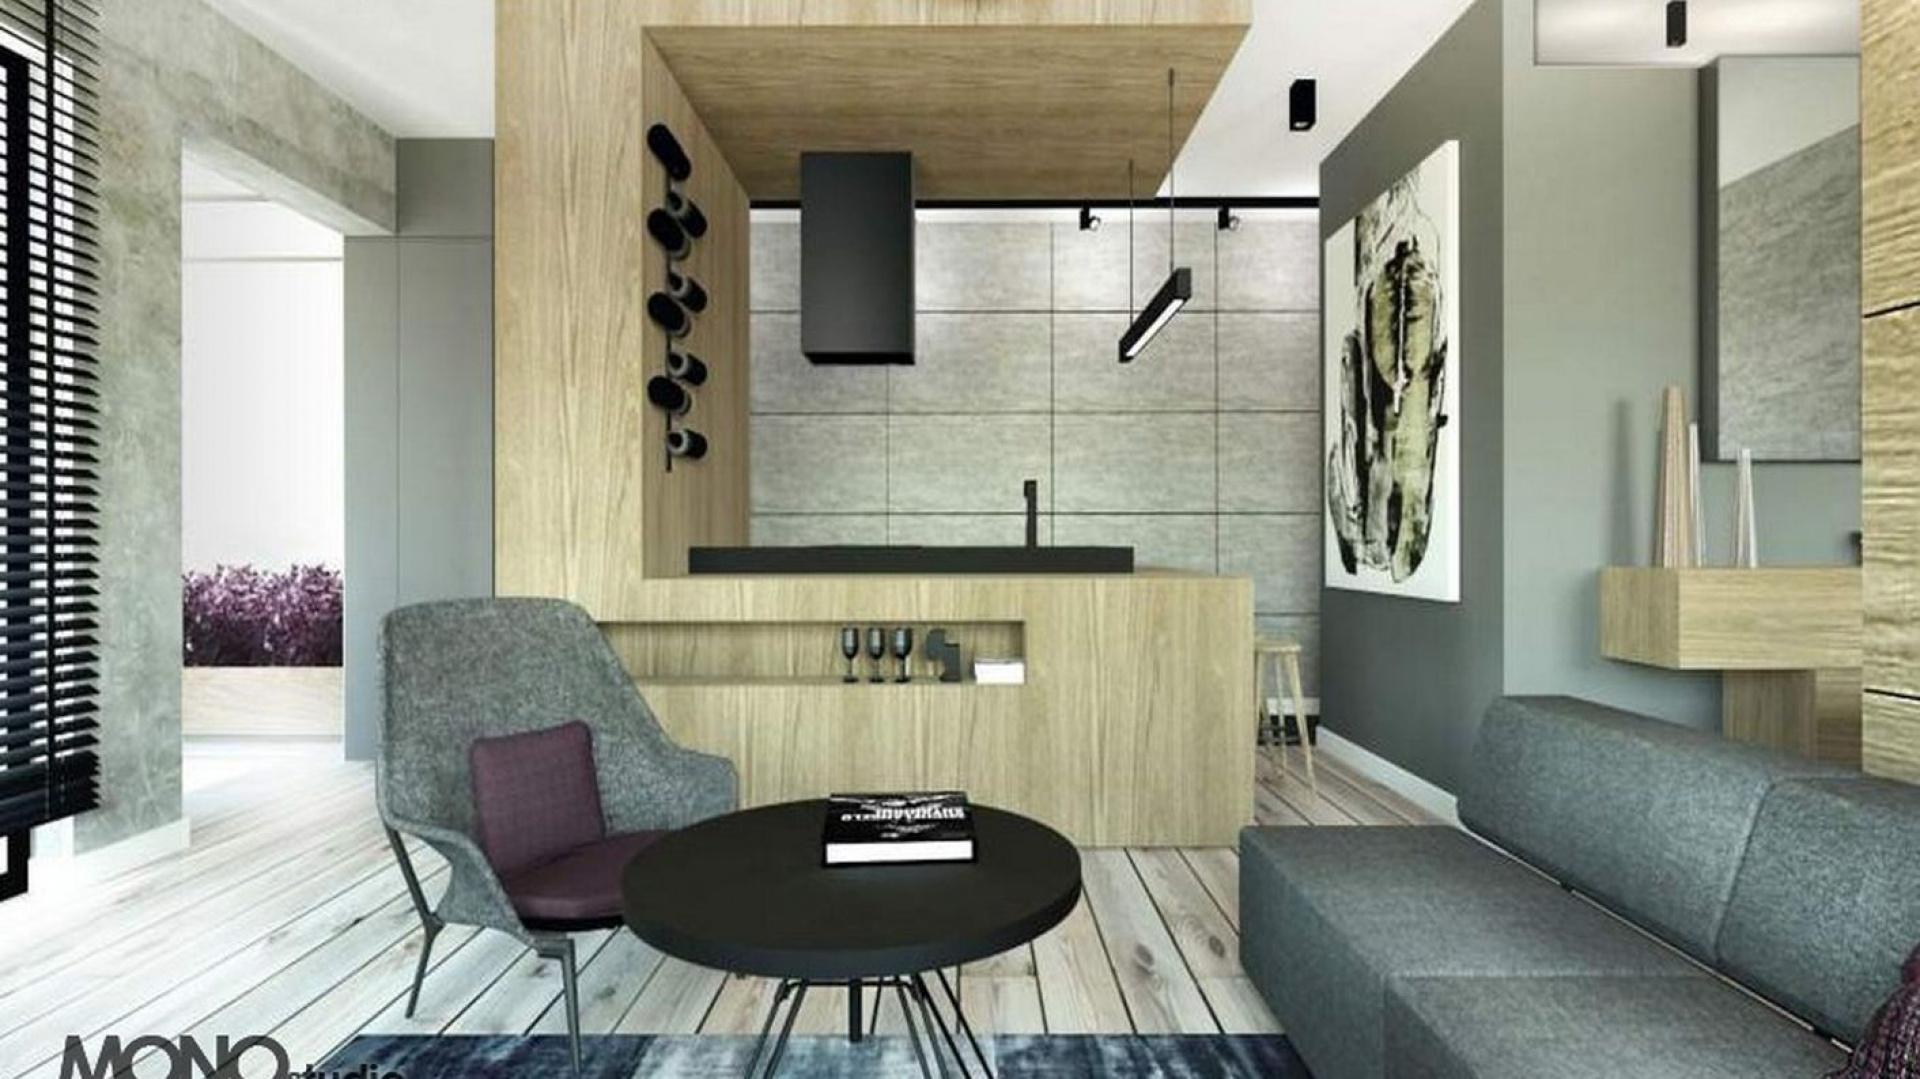 Modernistyczny aneks kuchenny jako drewniany akcent w betonowej formie. Projekt MONOstudio. Fot. Archiconnect.pl